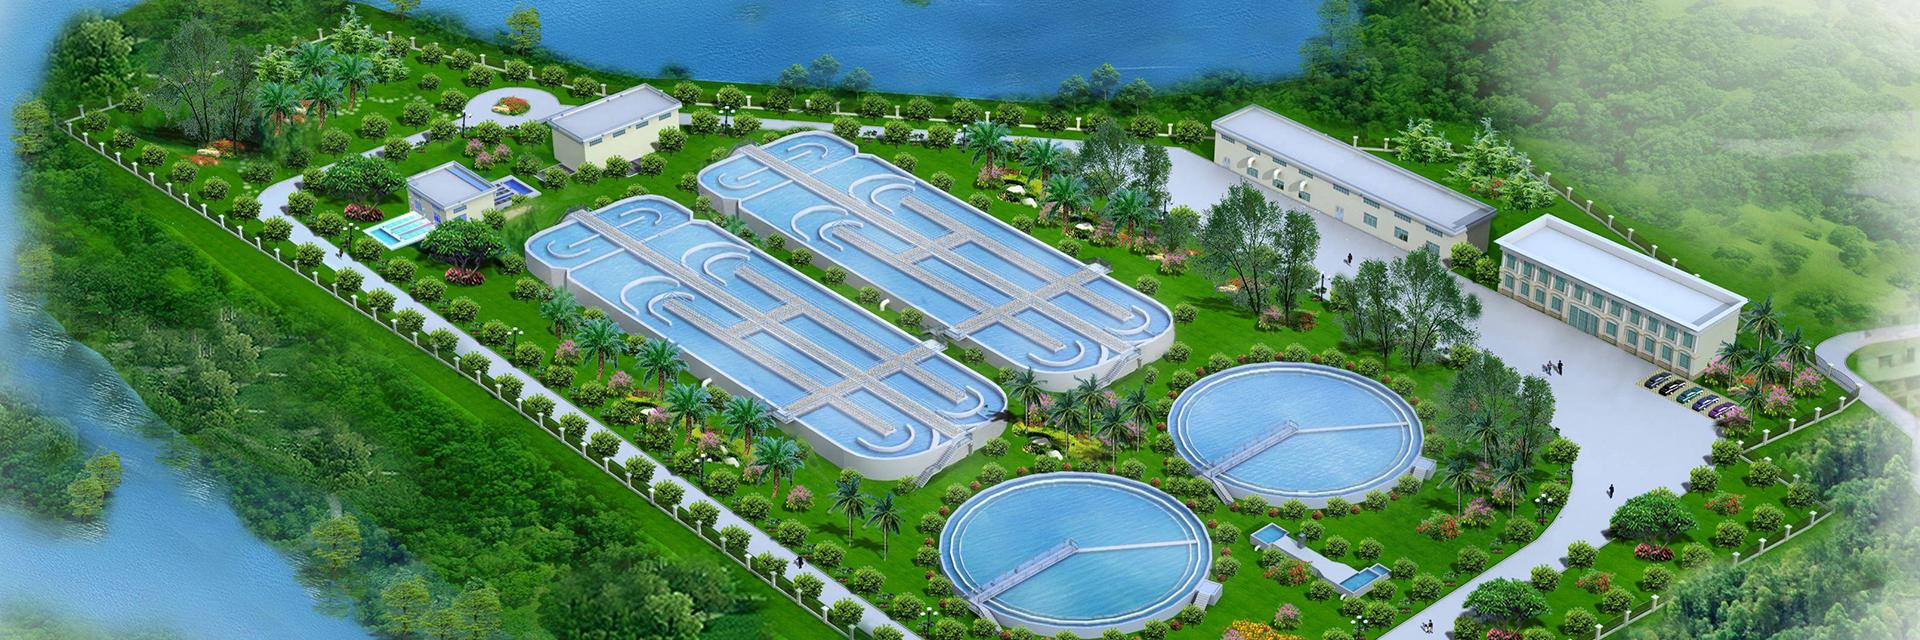 坦洲污水处理厂